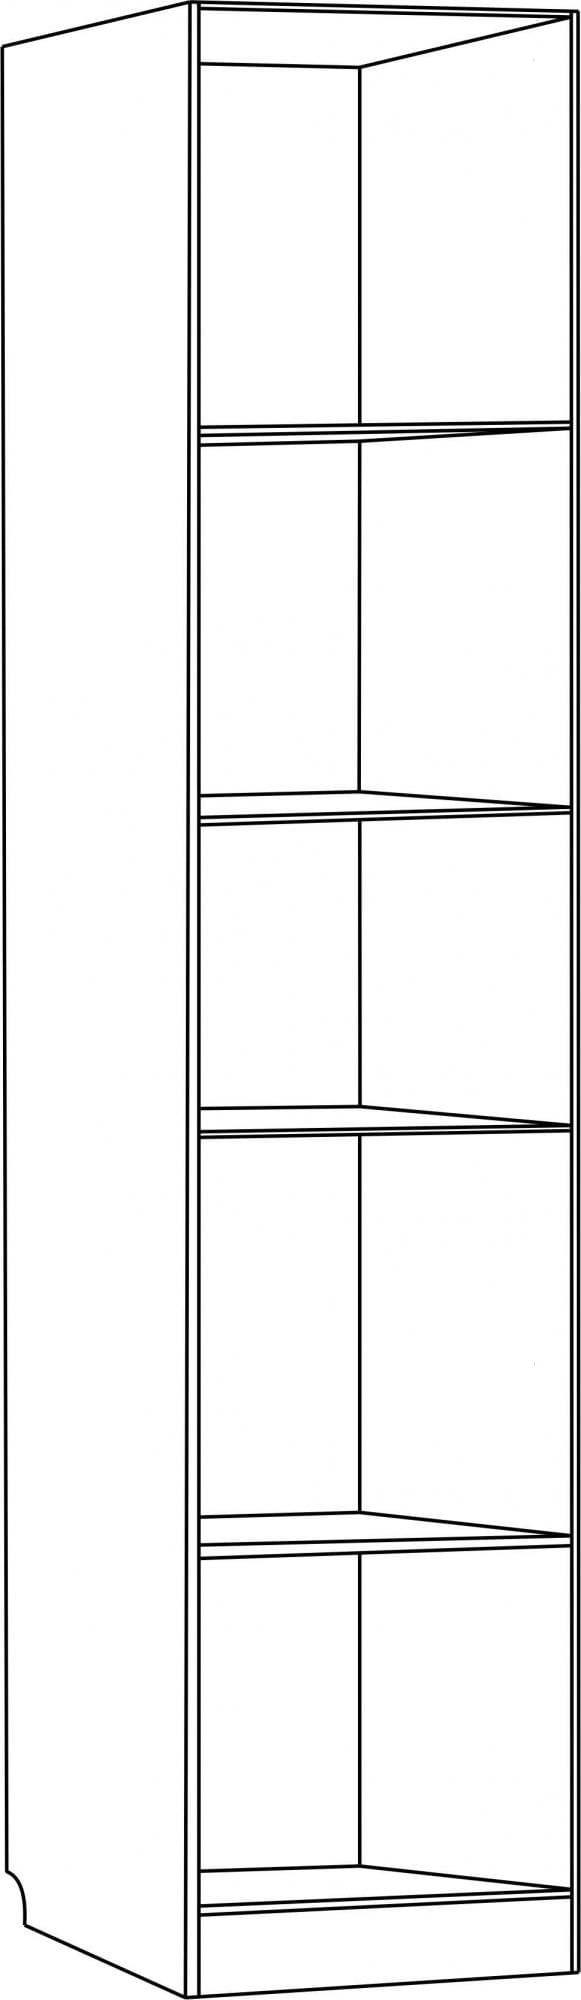 Шкаф белый для книг узкий 811.54-54